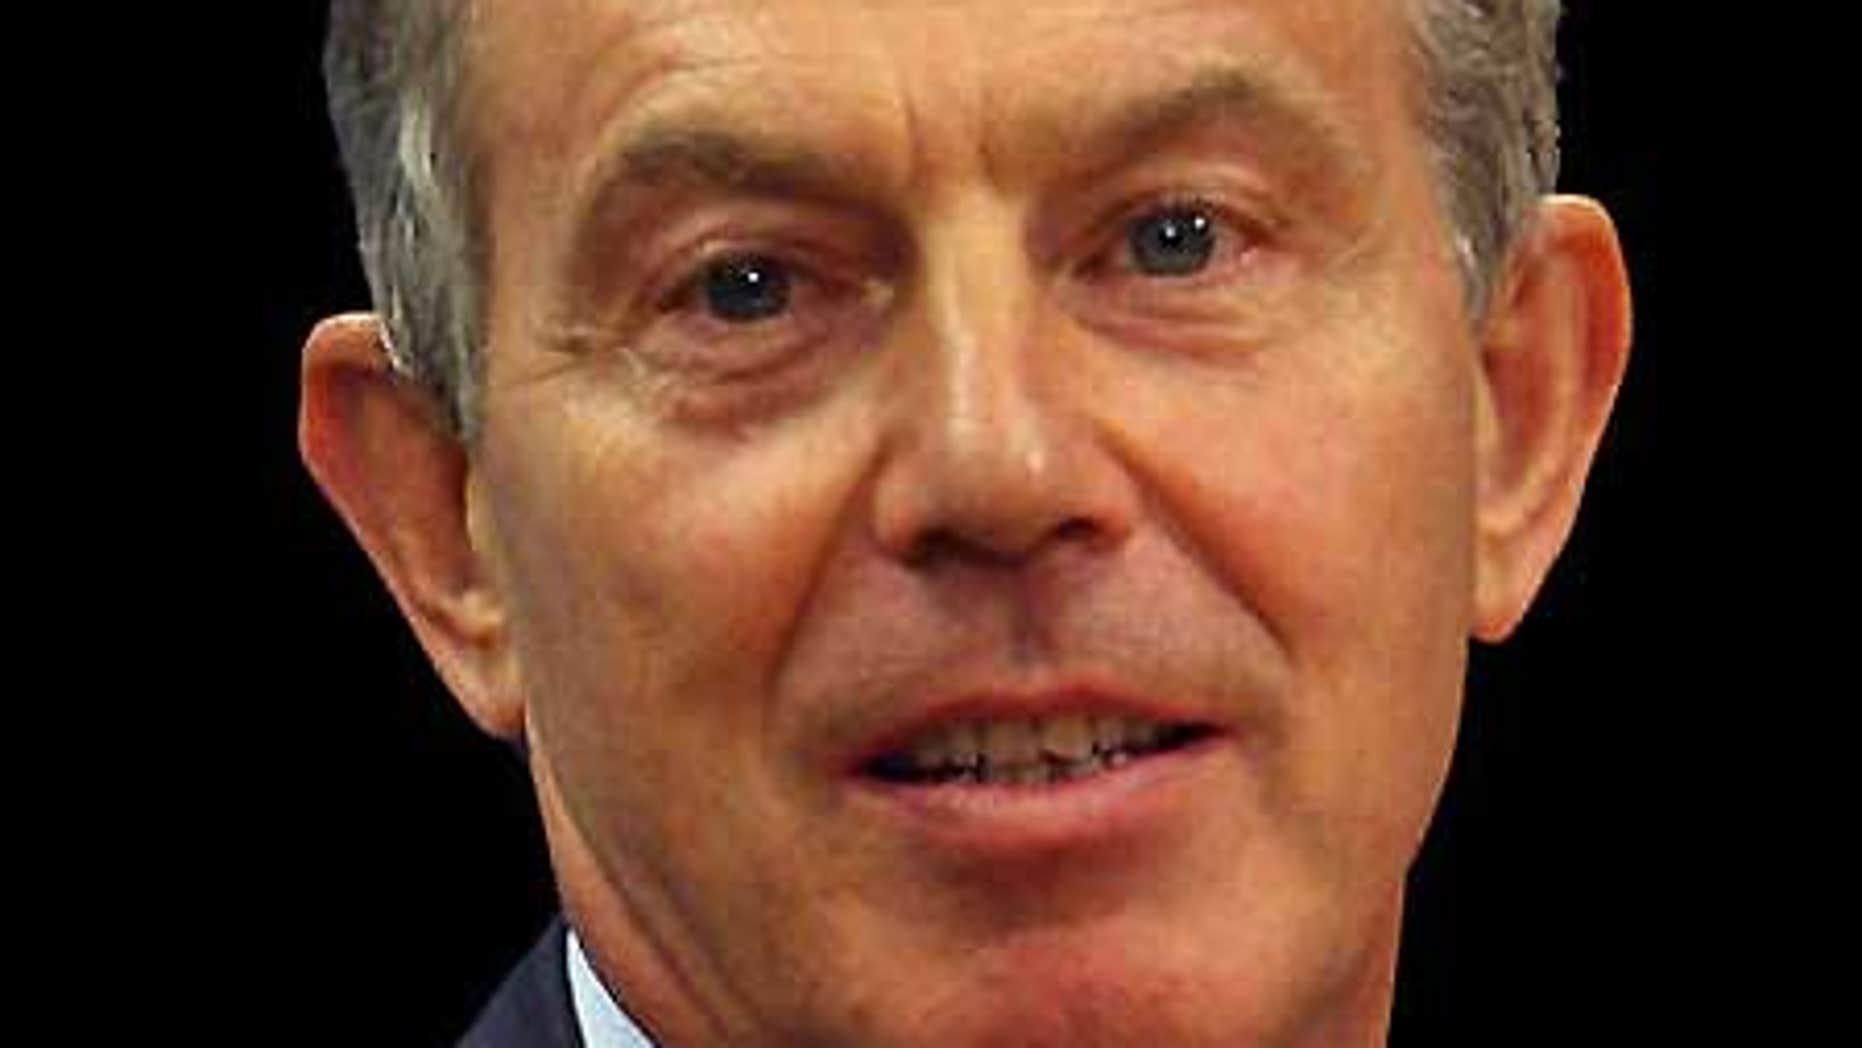 Sept. 22: Former British Prime Minister Tony Blair.